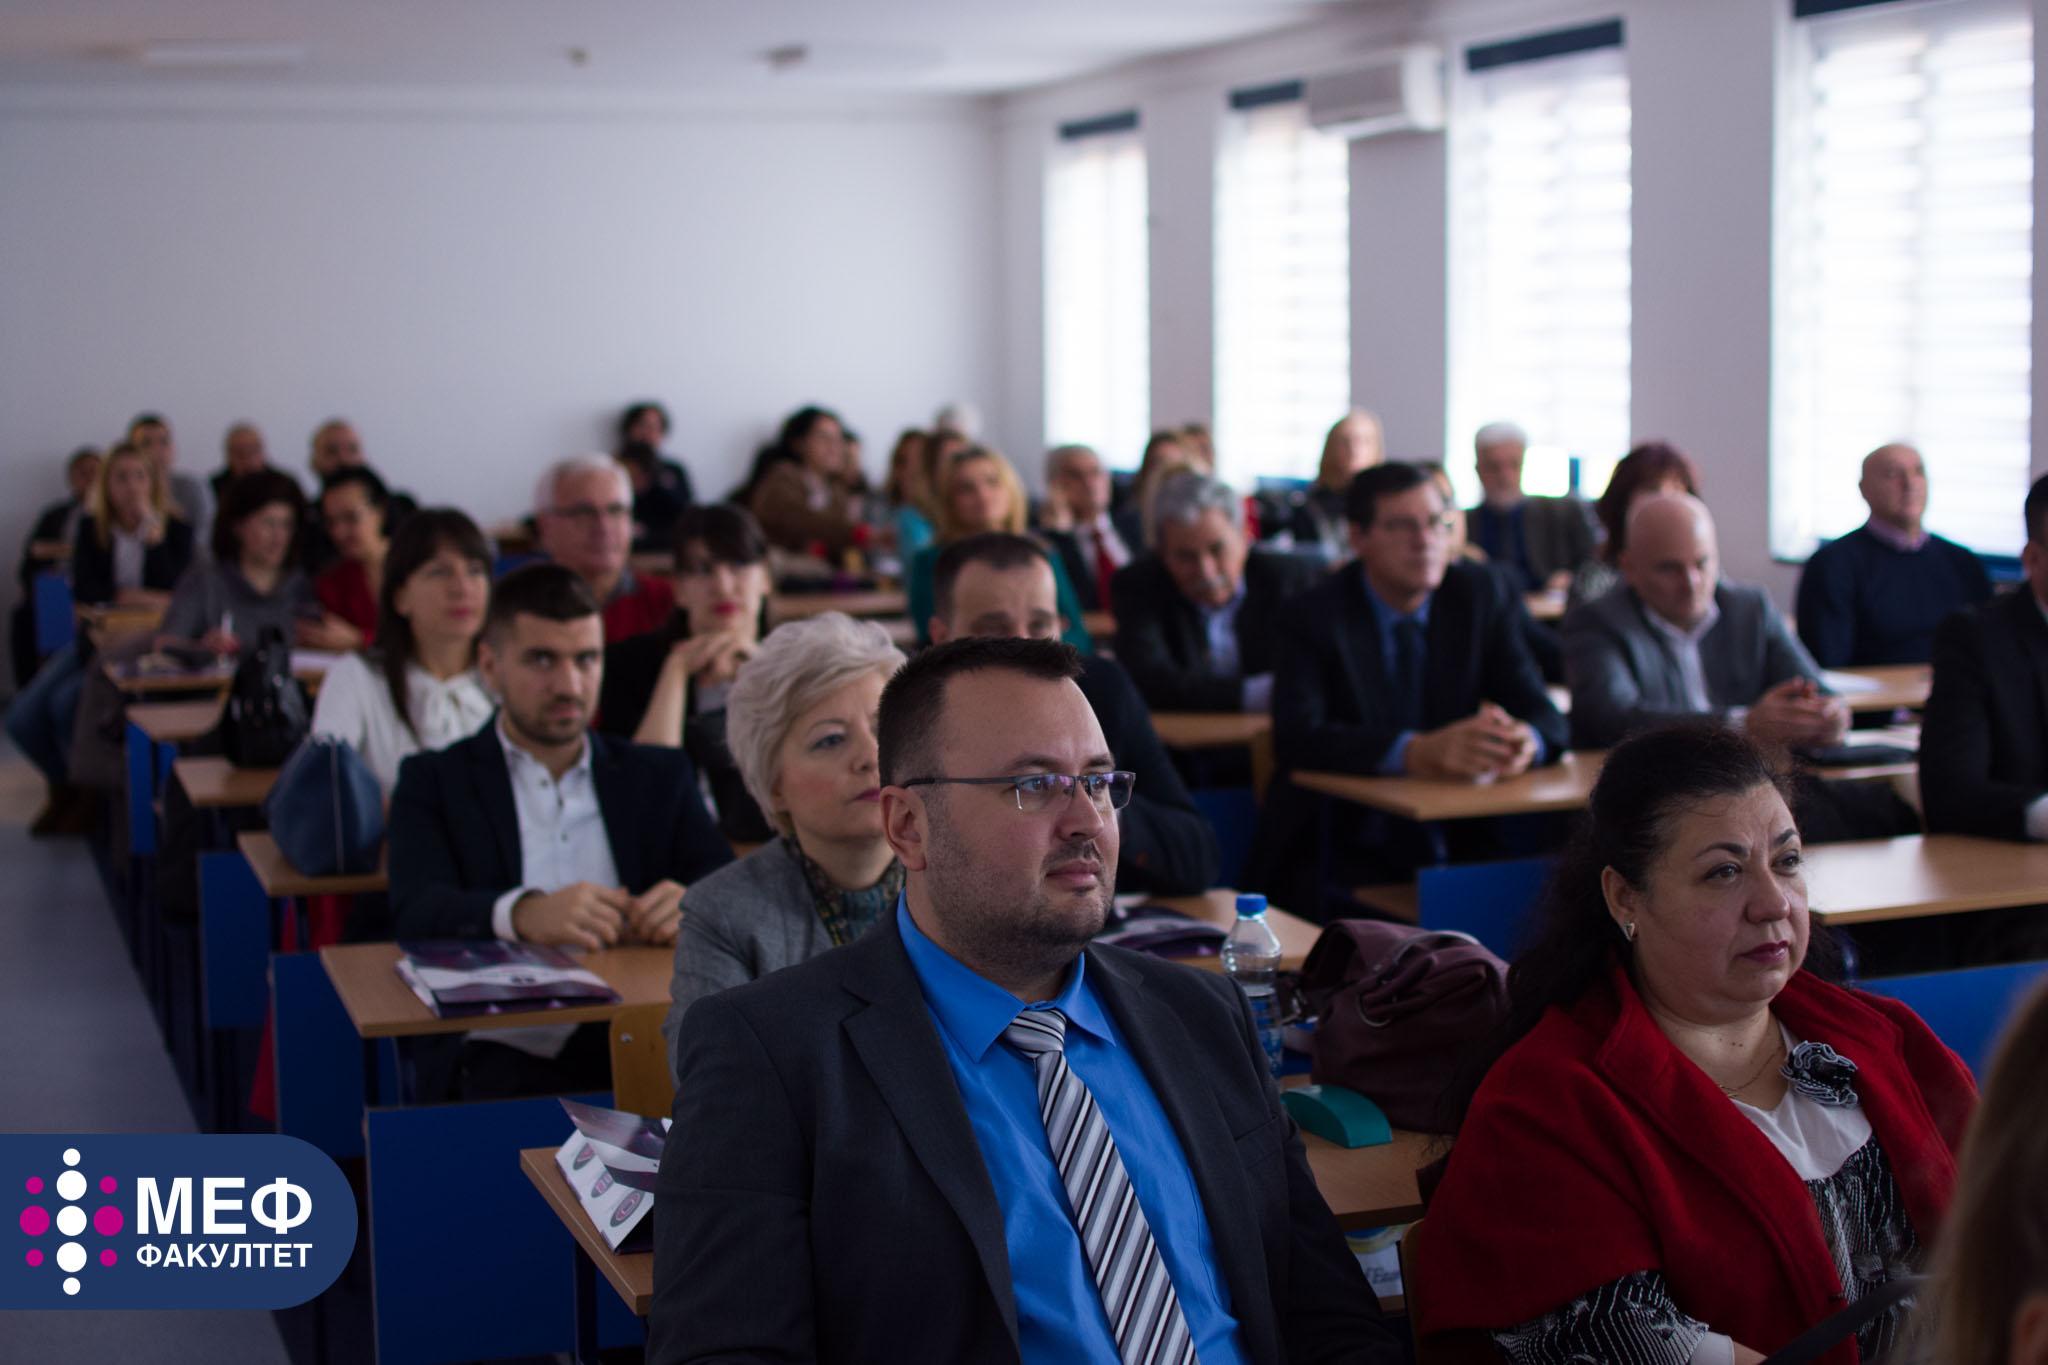 MEF Fakultet - izvestaj sa konferencije 6